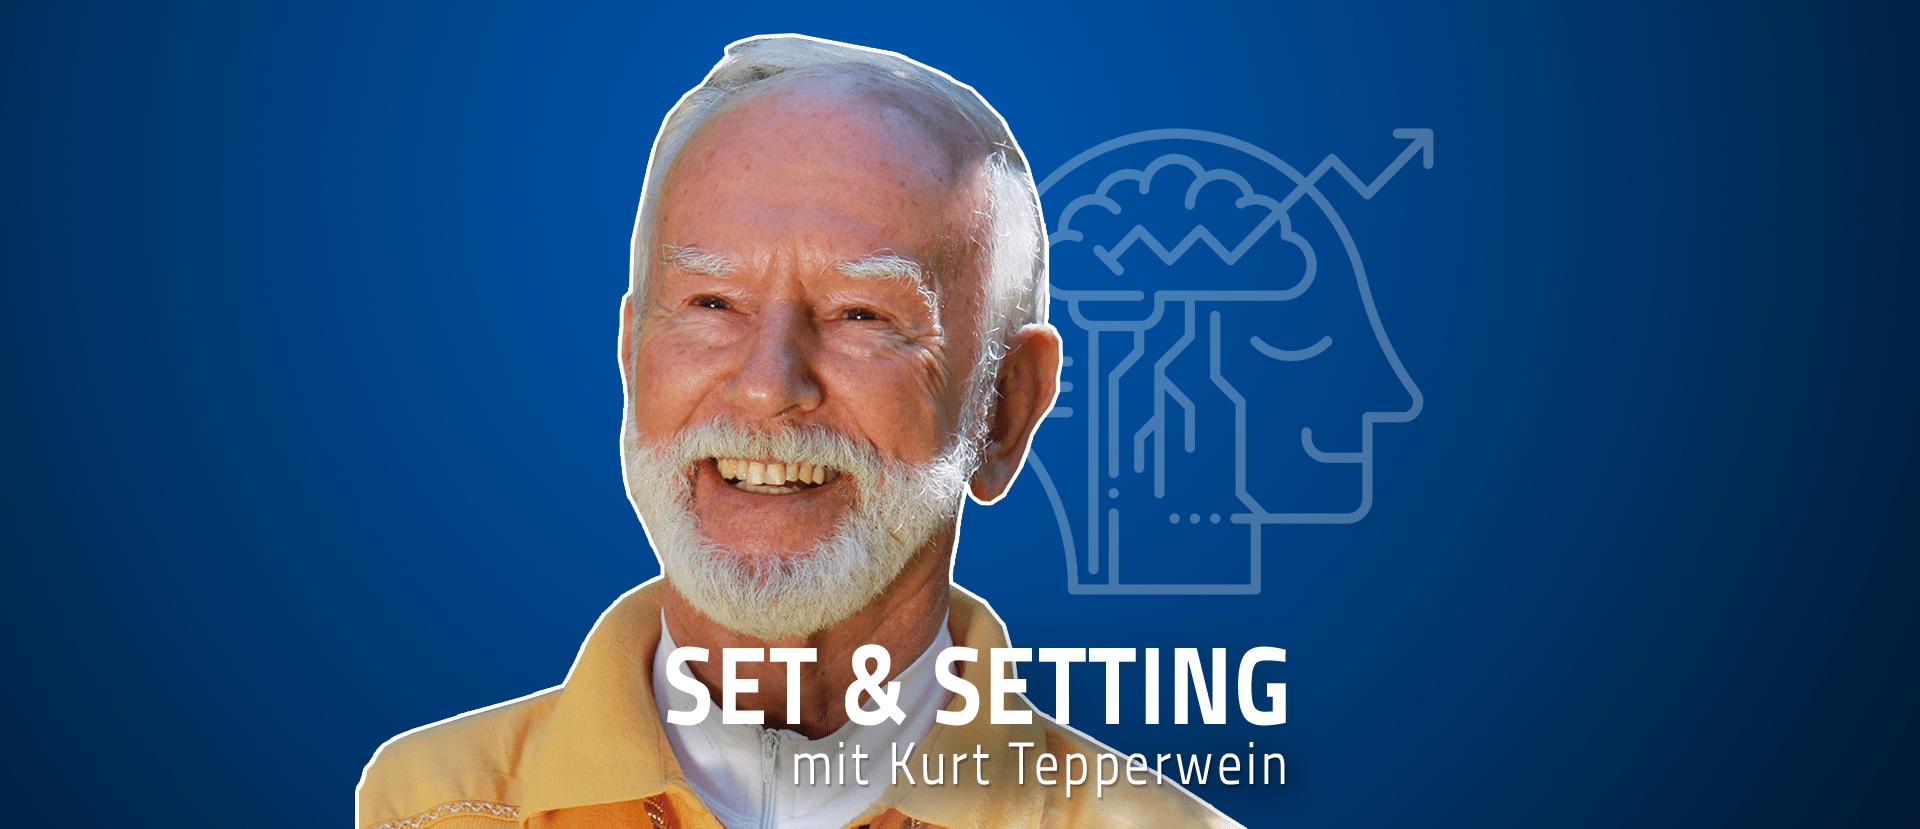 """#30 """"Die meisten Menschen schlafen noch"""" – Kurt Tepperwein über das erwachte Bewusstsein, Realität und Wirklichkeit und den Stecker der Mensch-Identifikation"""